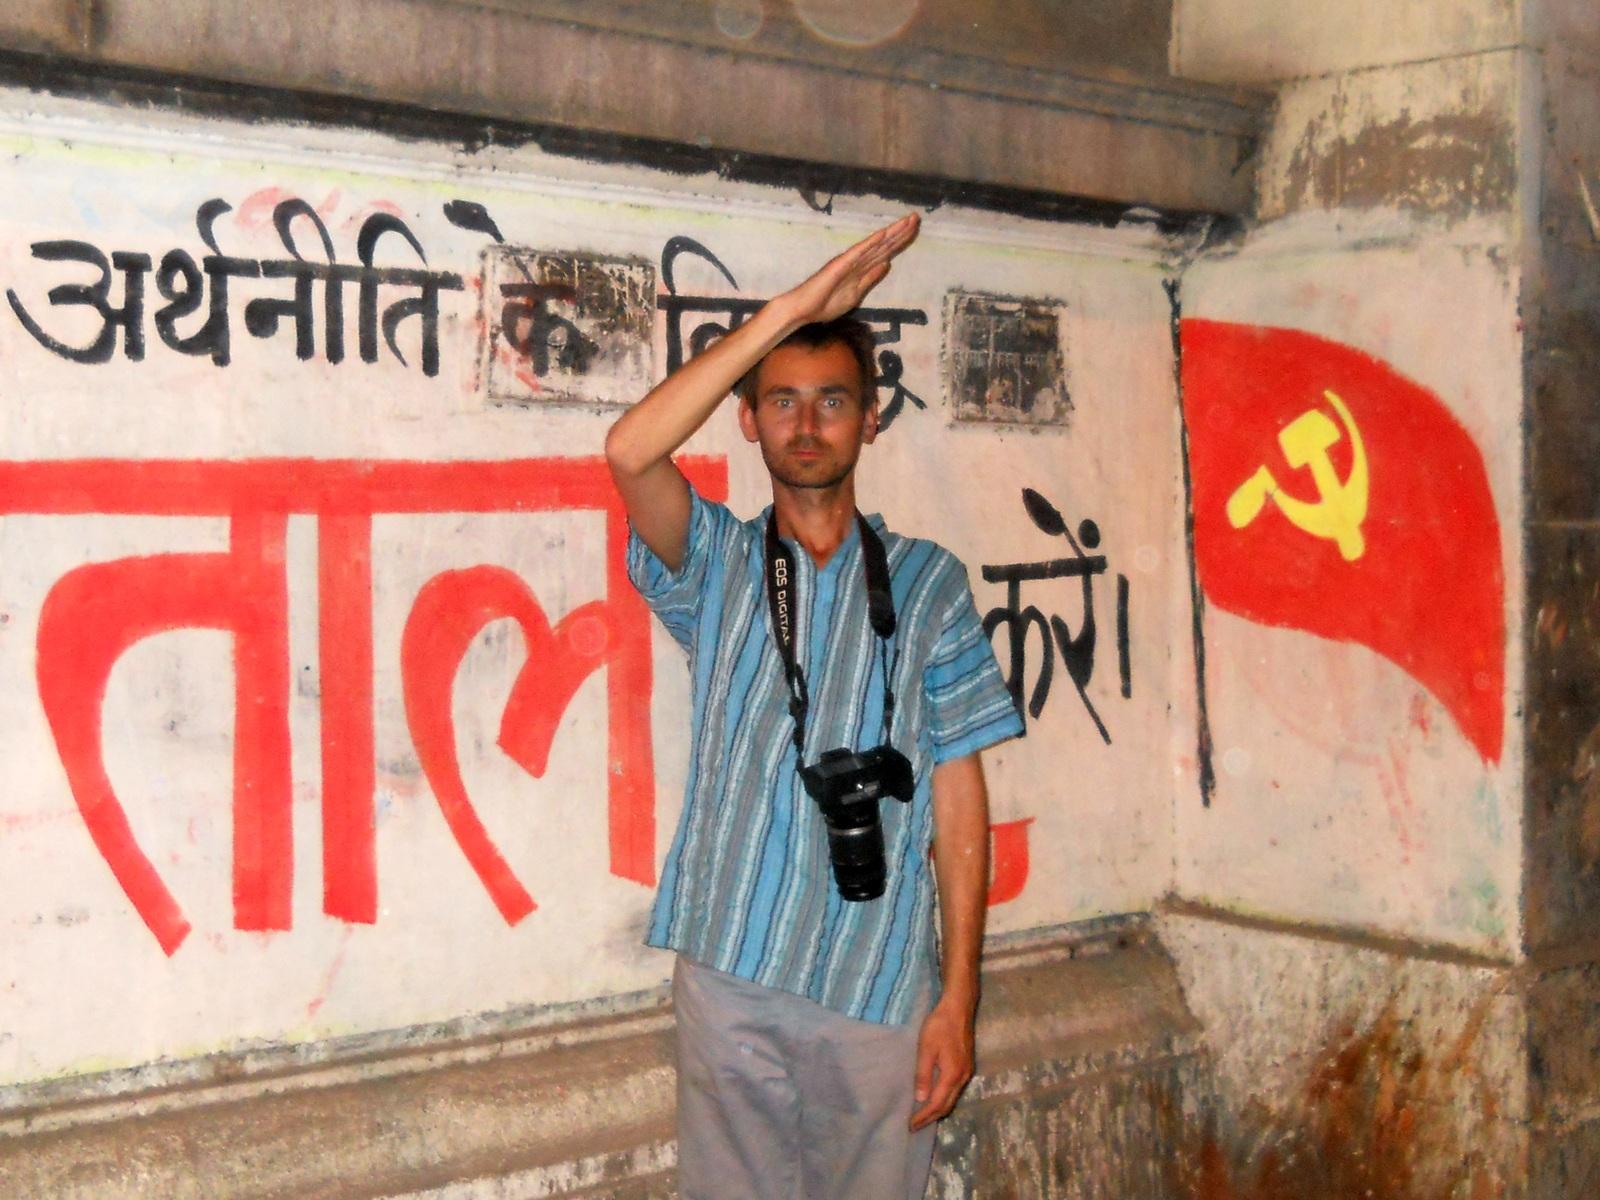 флаг СССР в Калькутте